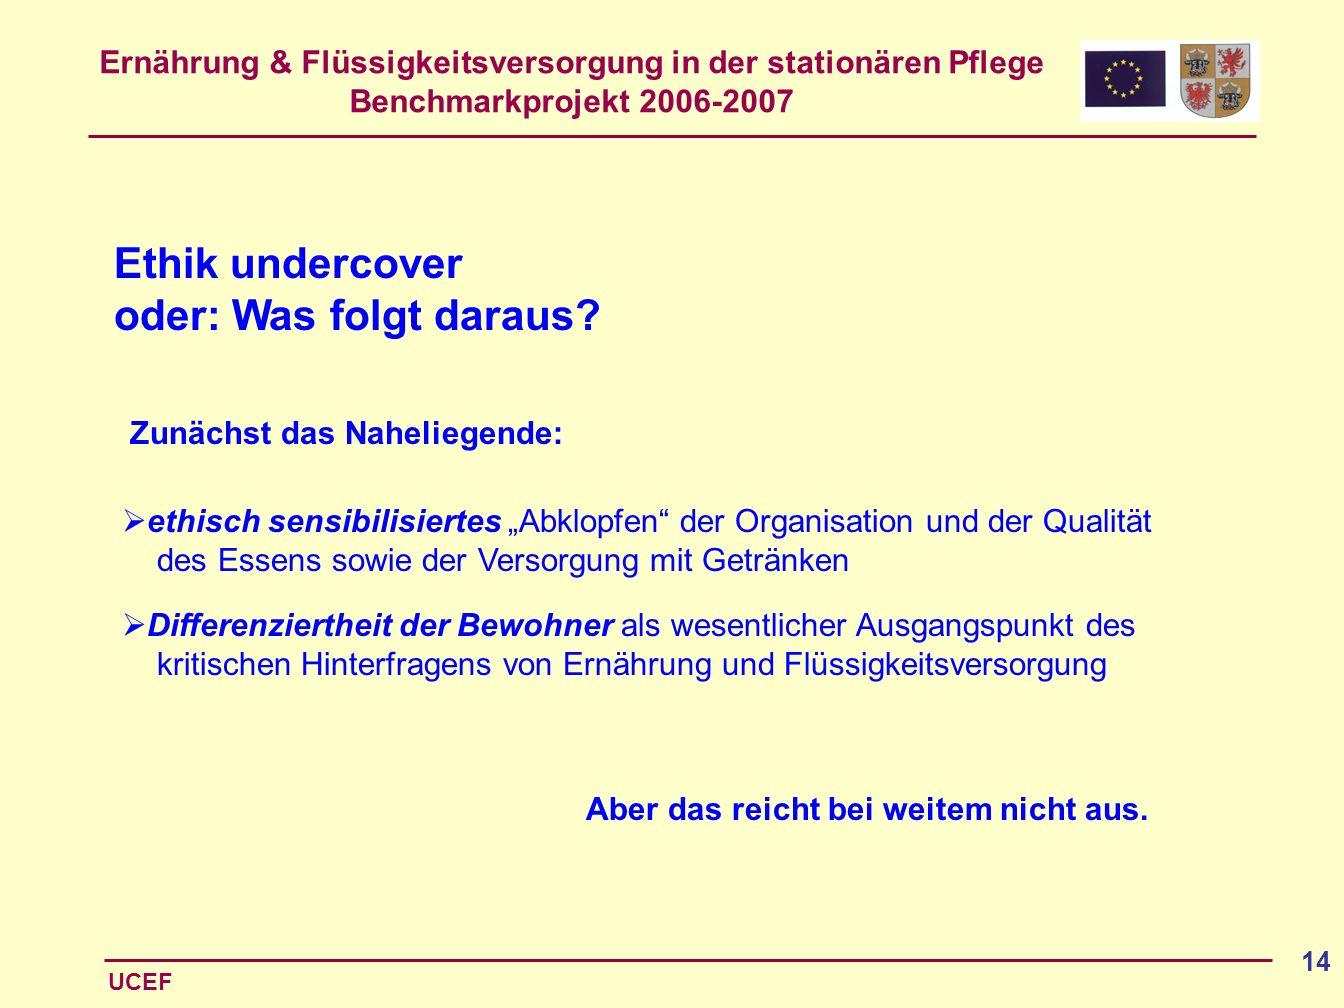 Ernährung & Flüssigkeitsversorgung in der stationären Pflege Benchmarkprojekt 2006-2007 UCEF 14 Ethik undercover oder: Was folgt daraus? ethisch sensi